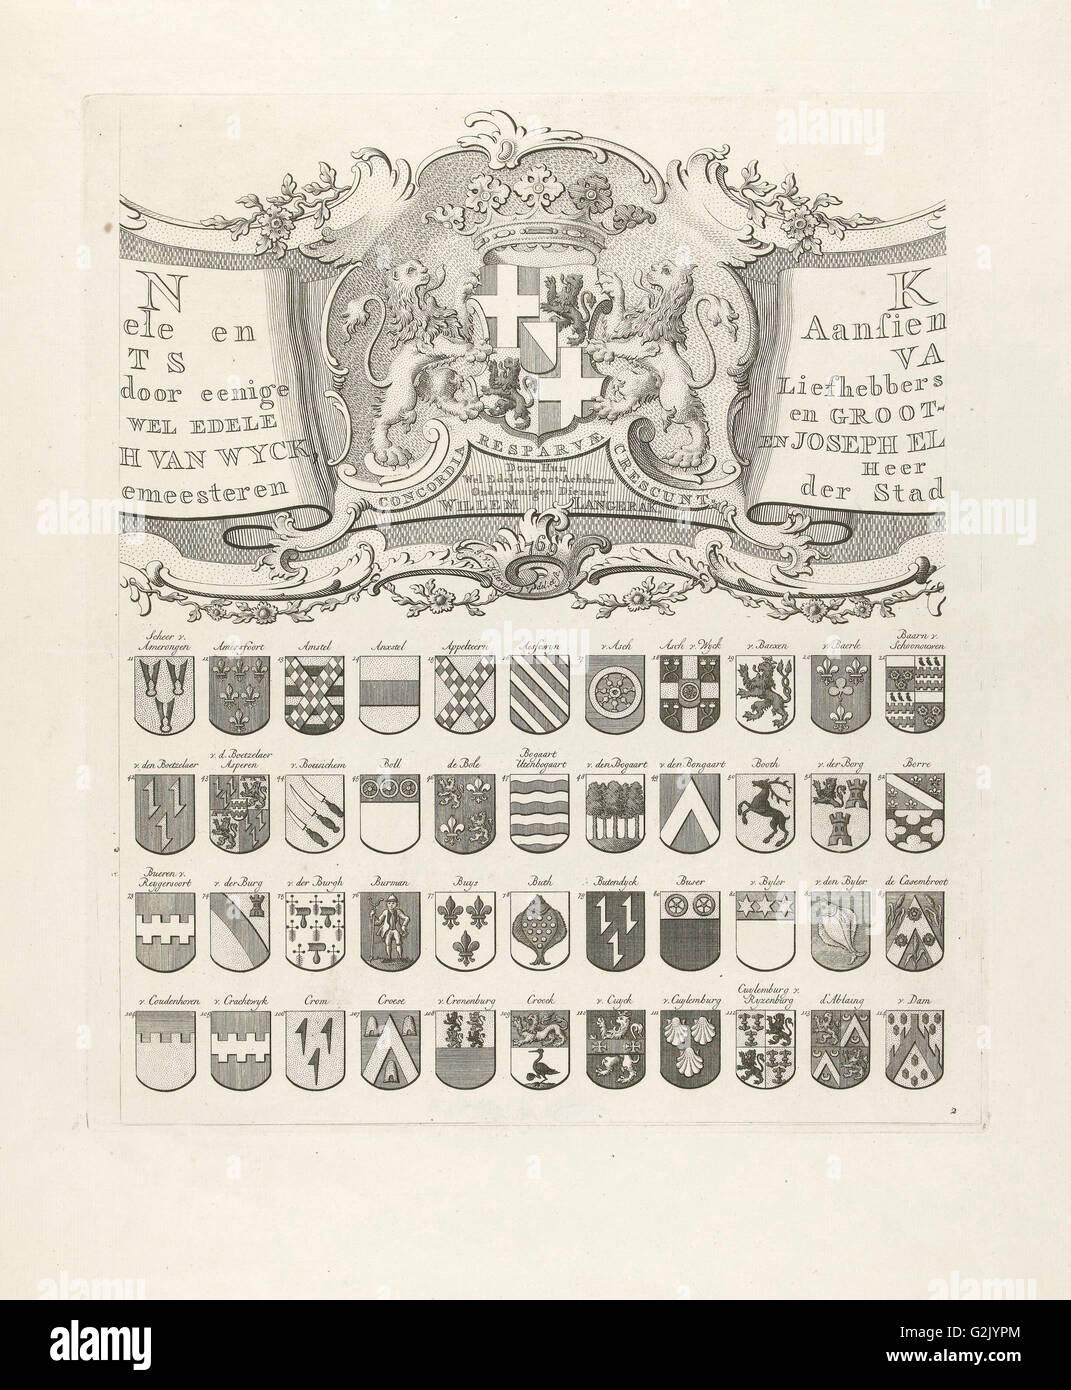 Oben in der Mitte Blatt aus einer Reihe von neun Drucke, alle mit Waffen der alten Linien aus Utrecht, Niederlande Stockbild